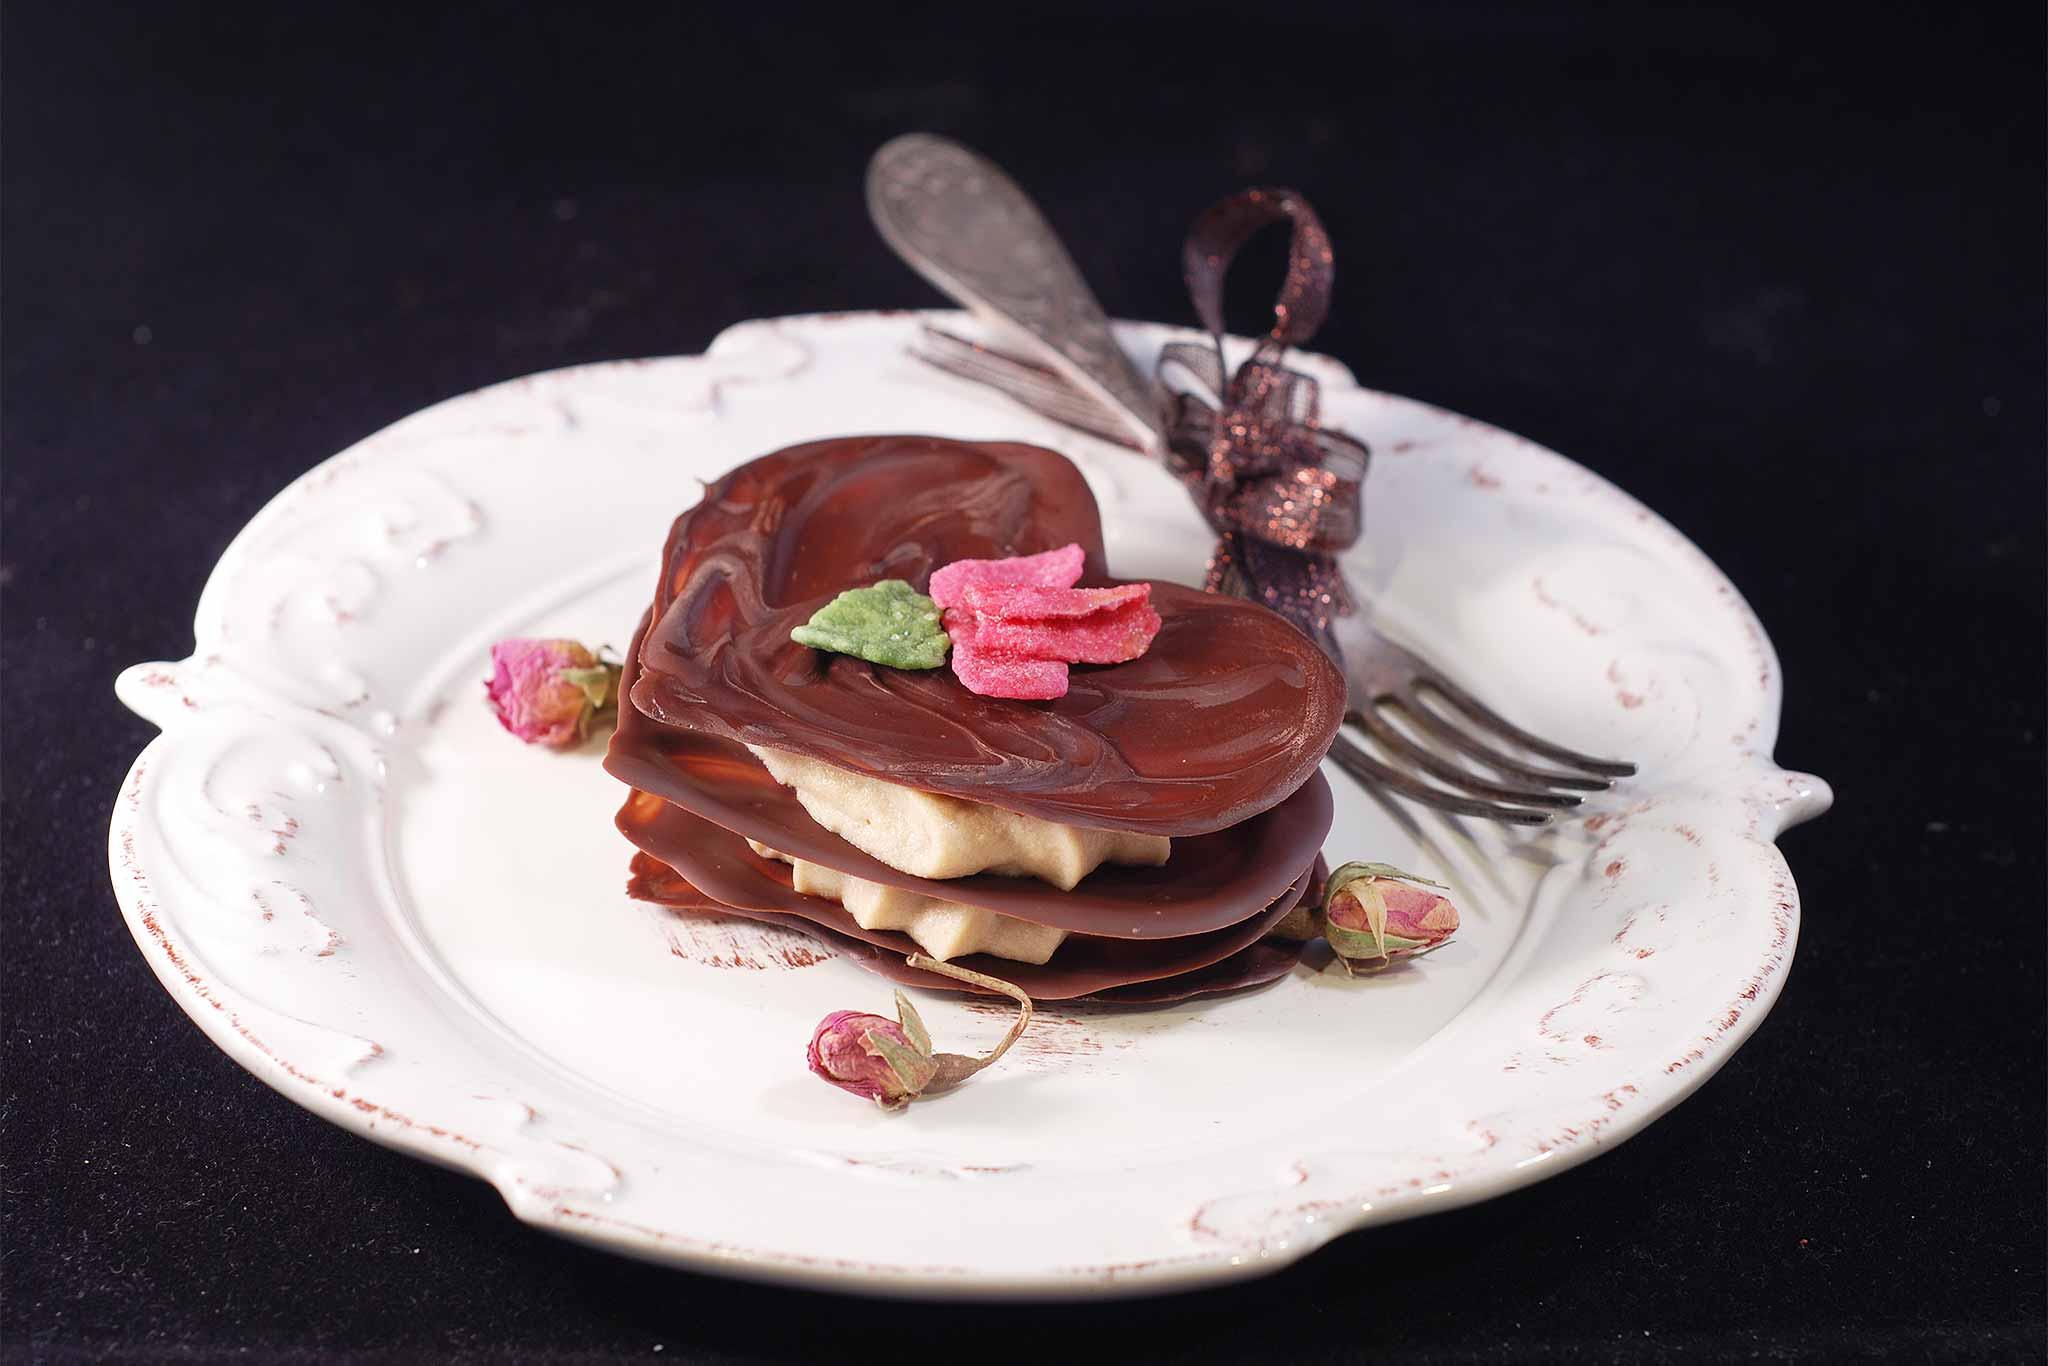 cuore-cioccolato-san-valentino